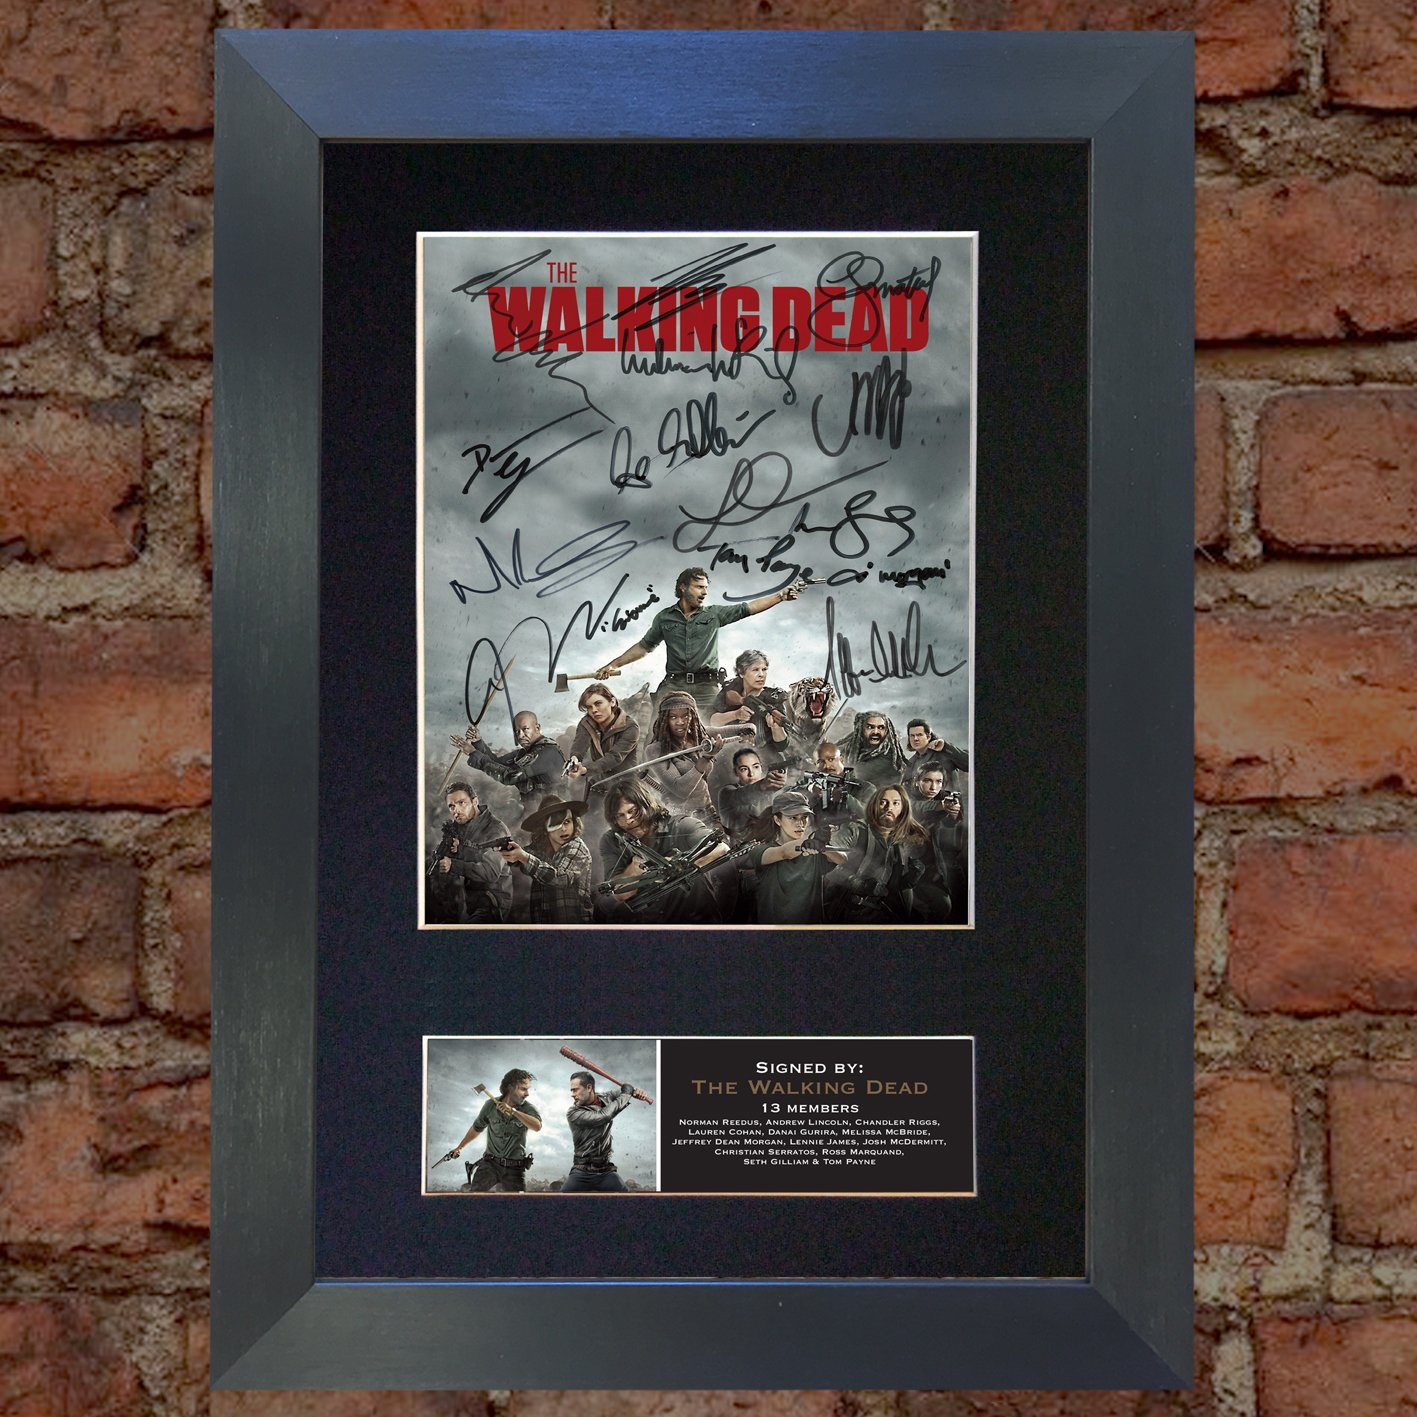 U've Been Framed U 5e encadrée 724The Walking Dead No2Top Qualité Photo Montage Reproduction dédicacée A4Rare Parfait Anniversaire Cadeau de Noël (210x 297mm) A4 12 x 8 (297 x 210mm) U' ve Been Framed